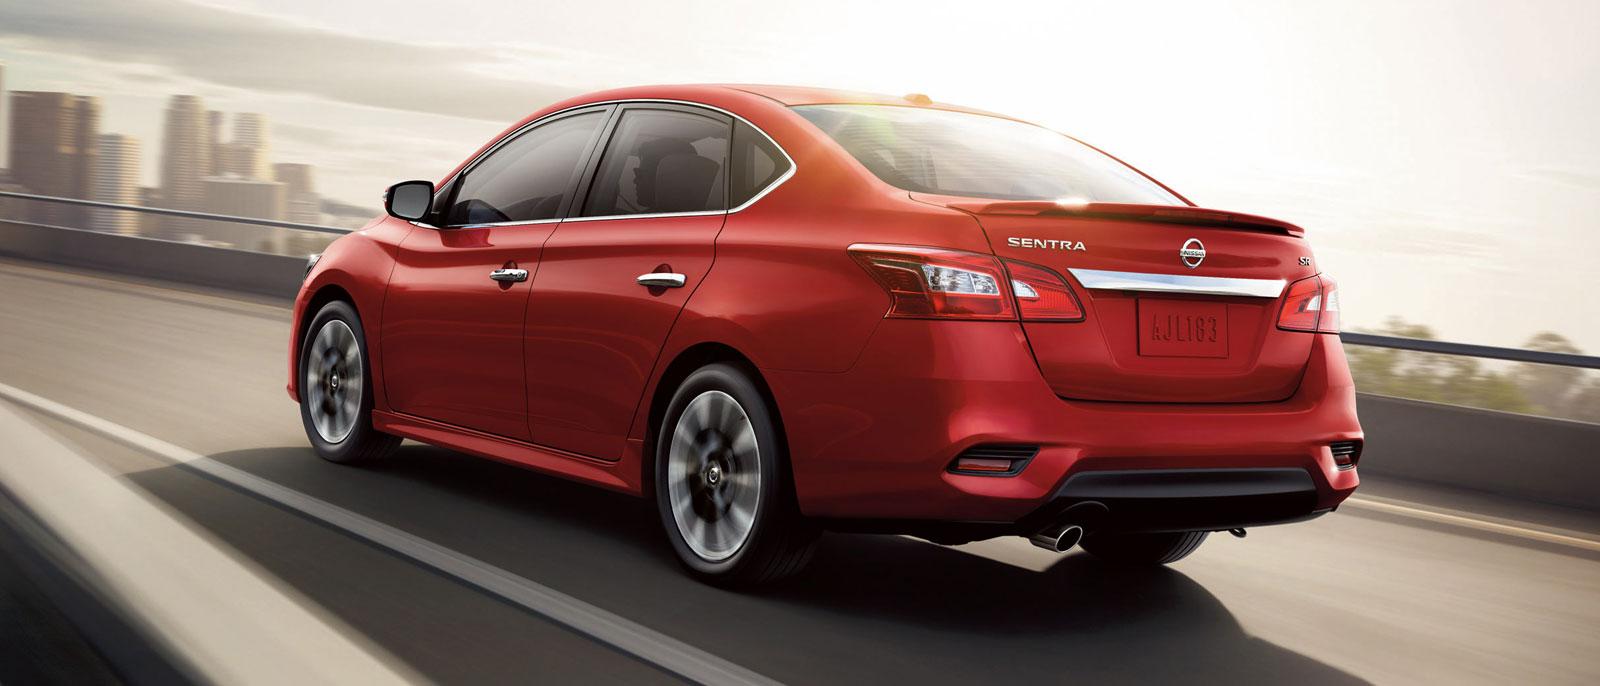 2016 Nissan Sentra rear exterior